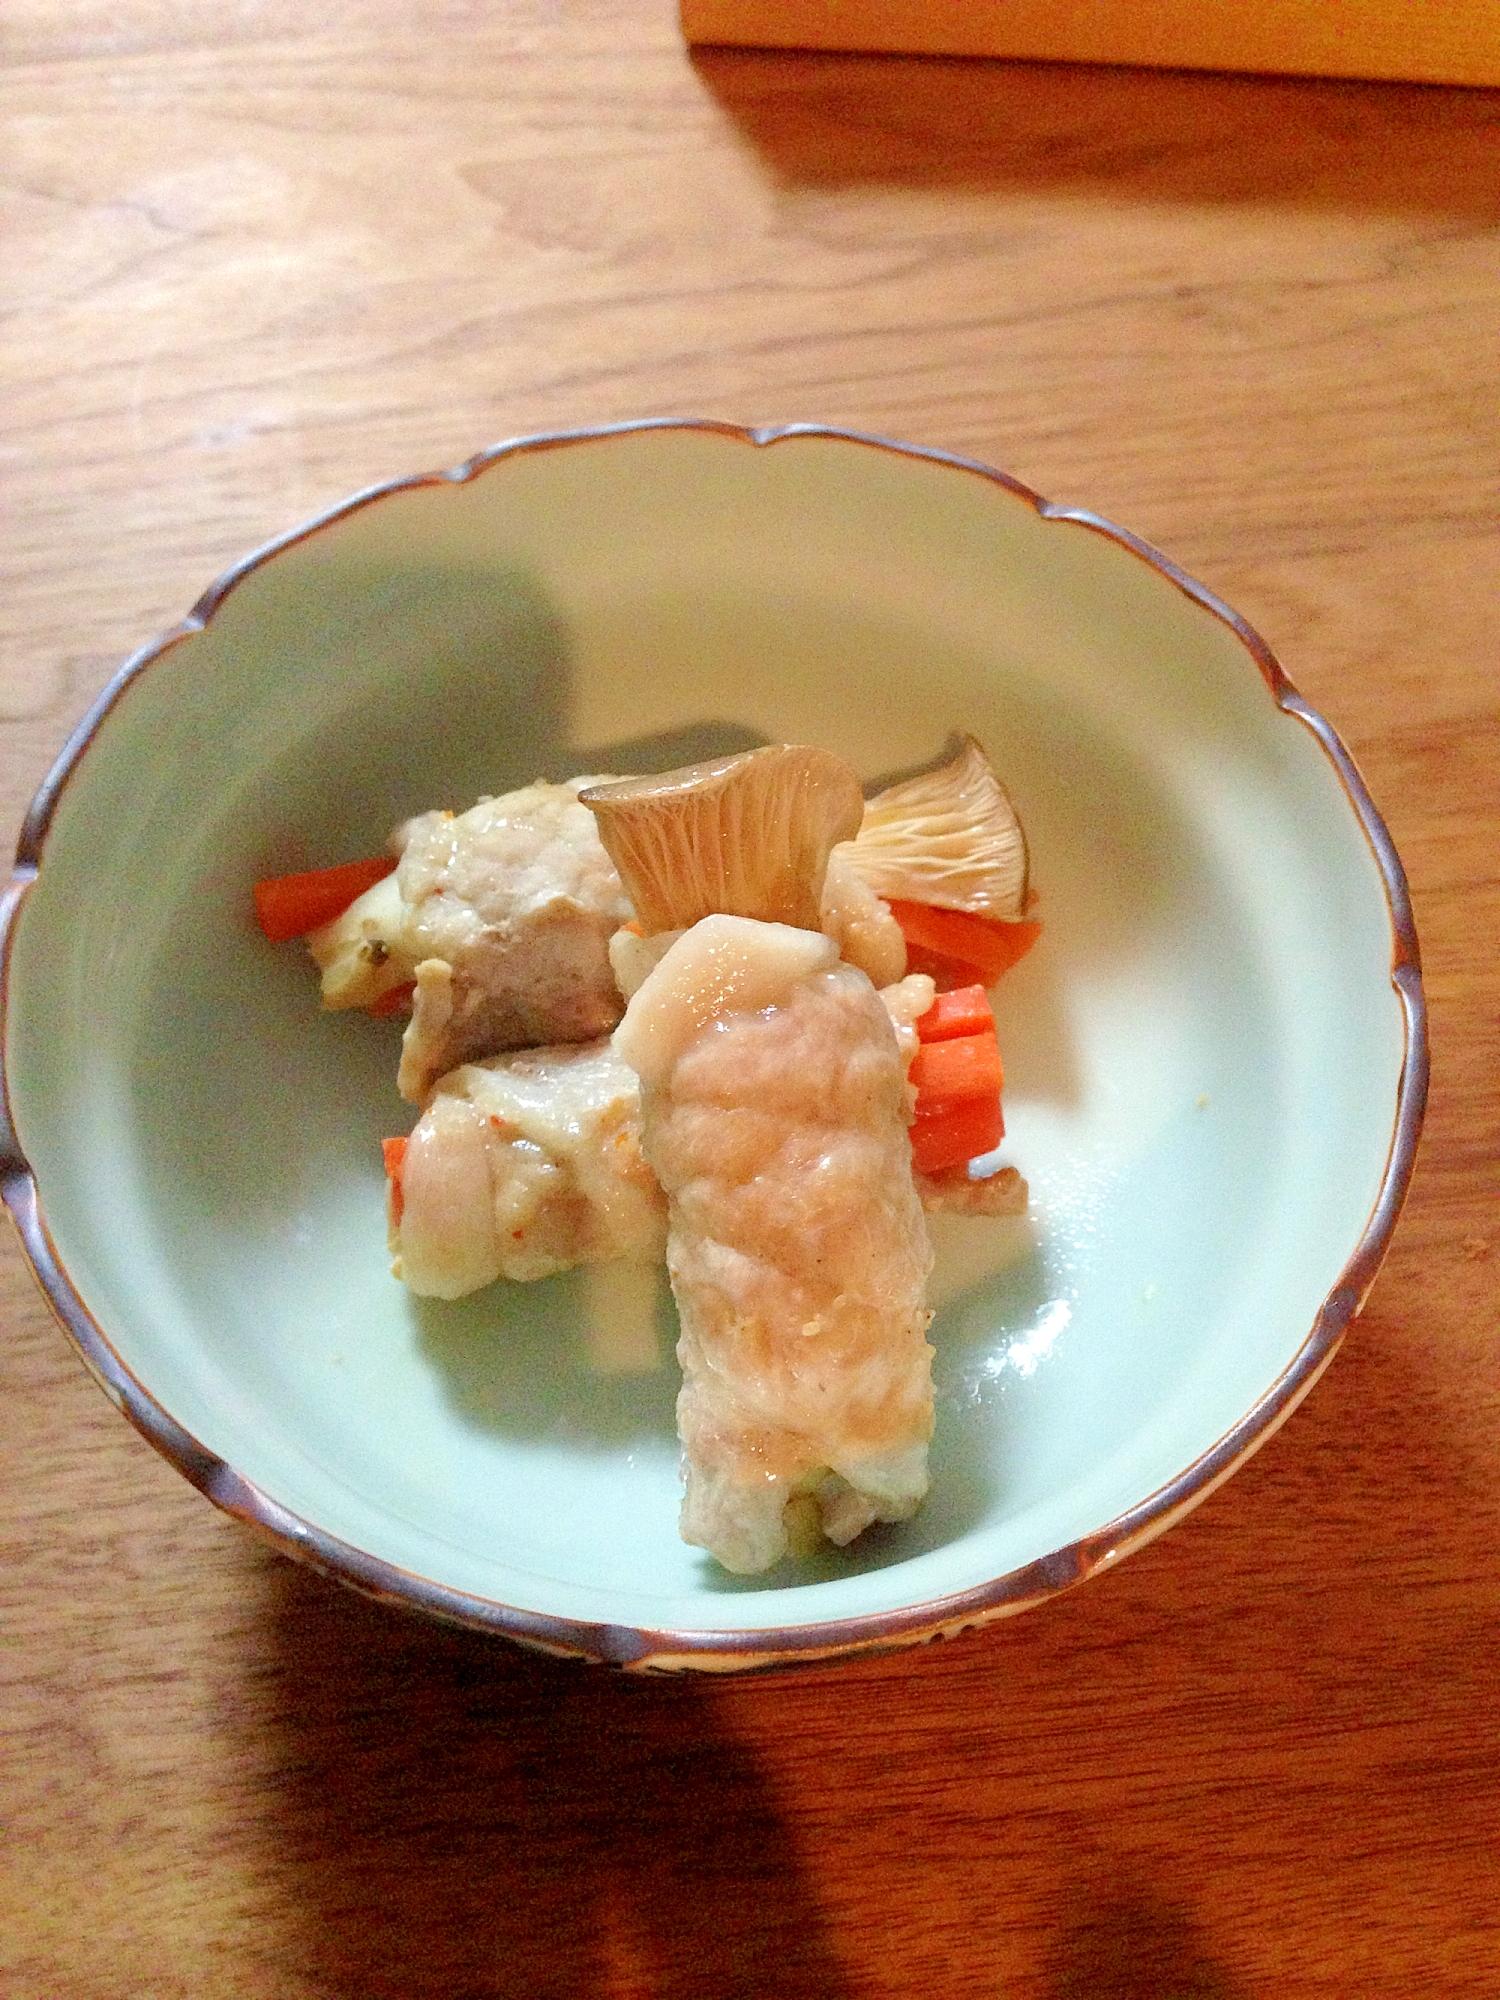 ルクエでエリンギの肉巻 焼肉のタレ風味